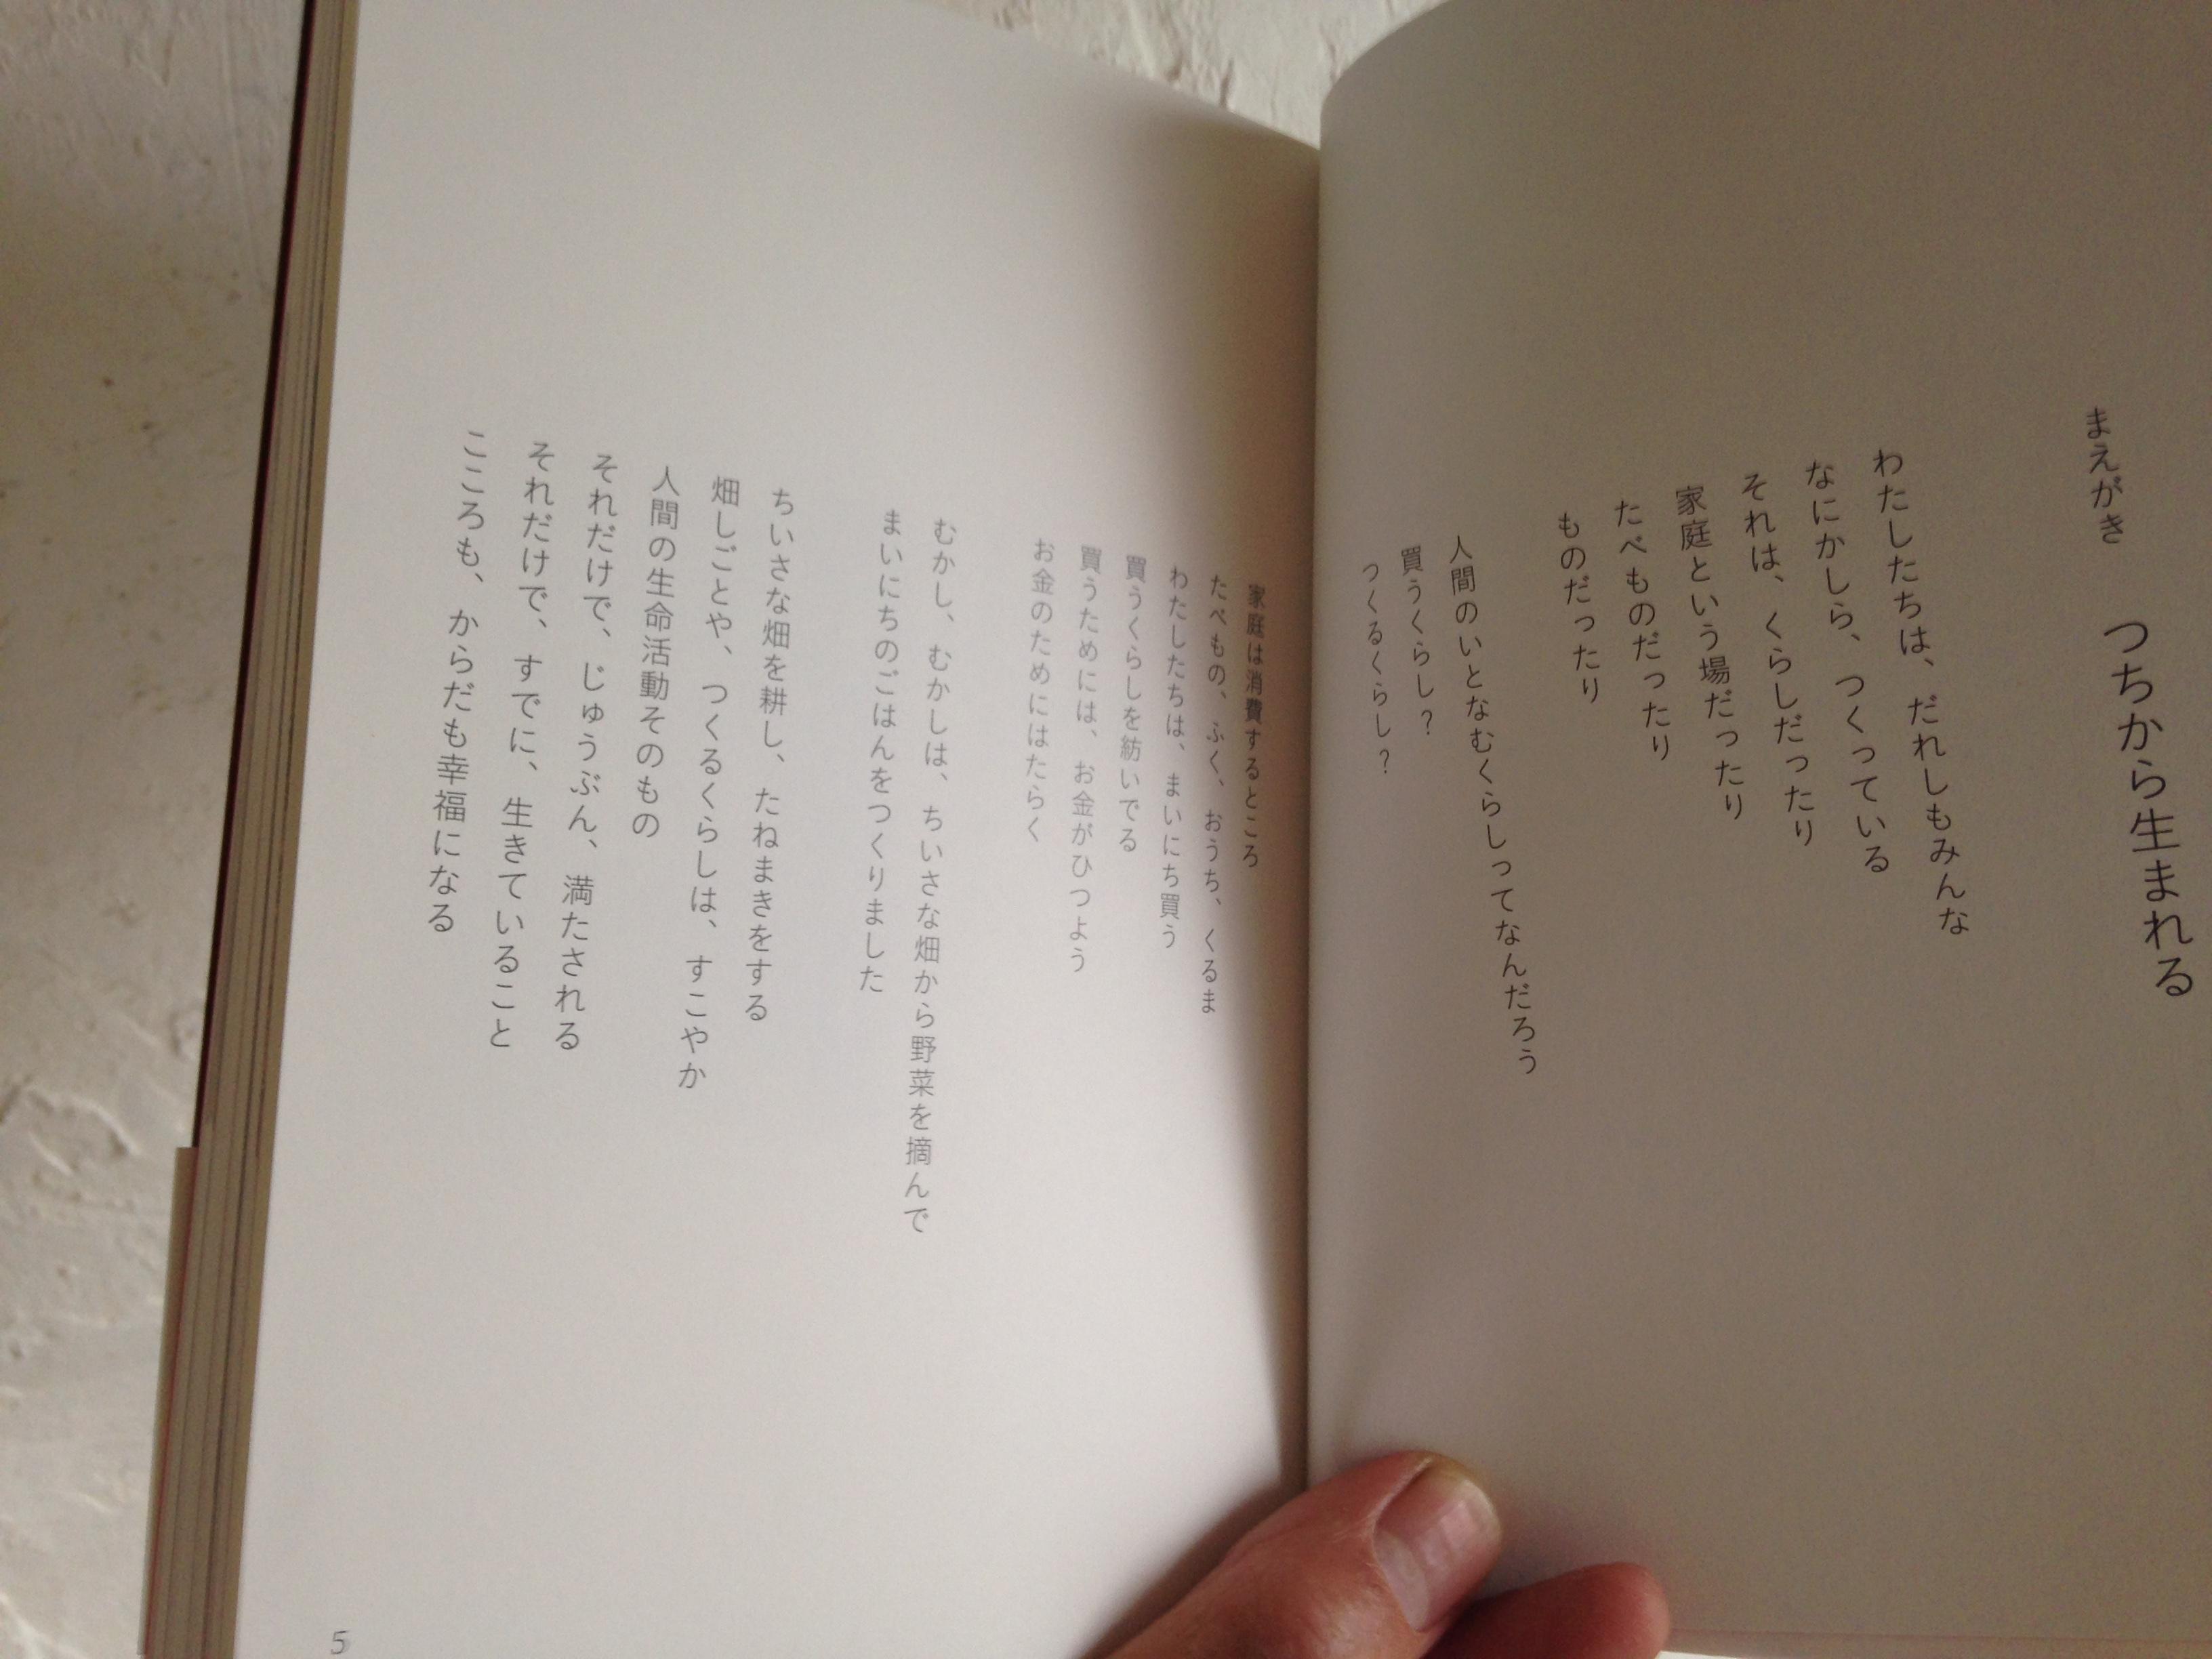 「ちいさなくらしのたねレシピ」(直筆イラスト入)早川ユミ著 - 画像4